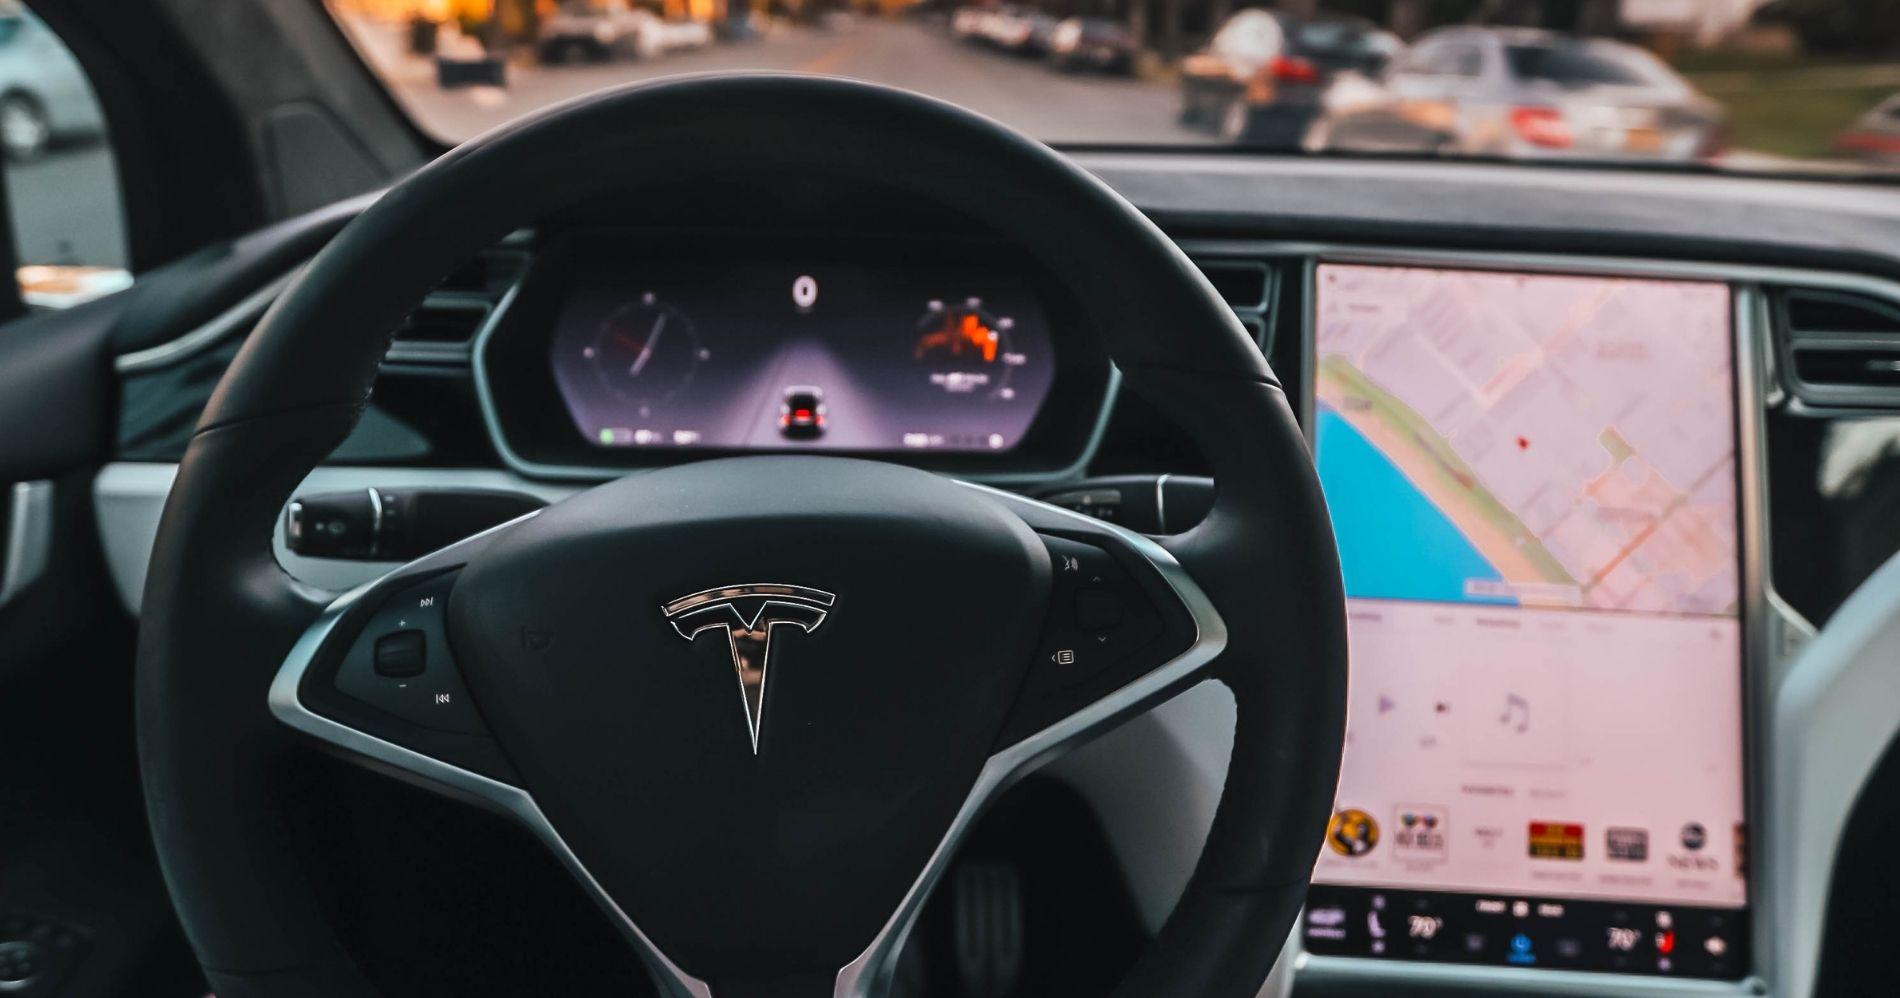 Tesla Model S Plaid Illustration Web Bisnis Muda - Canva